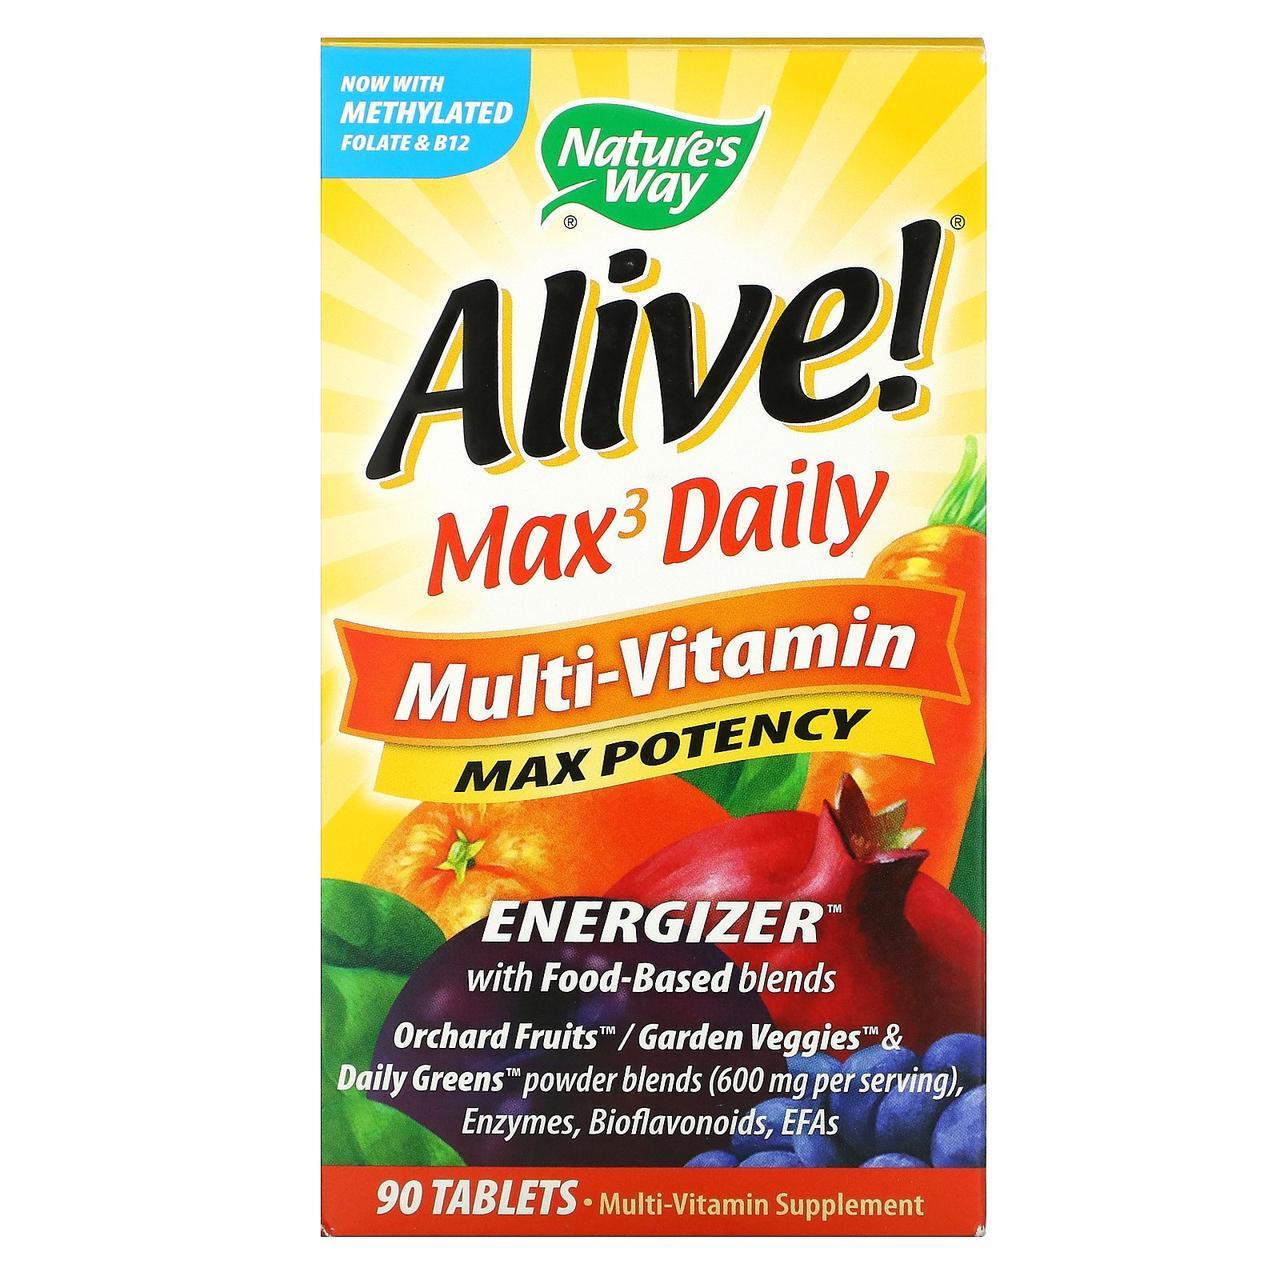 Мультивітаміни (Multi-Vitamin), nature's Way, 90 таблеток